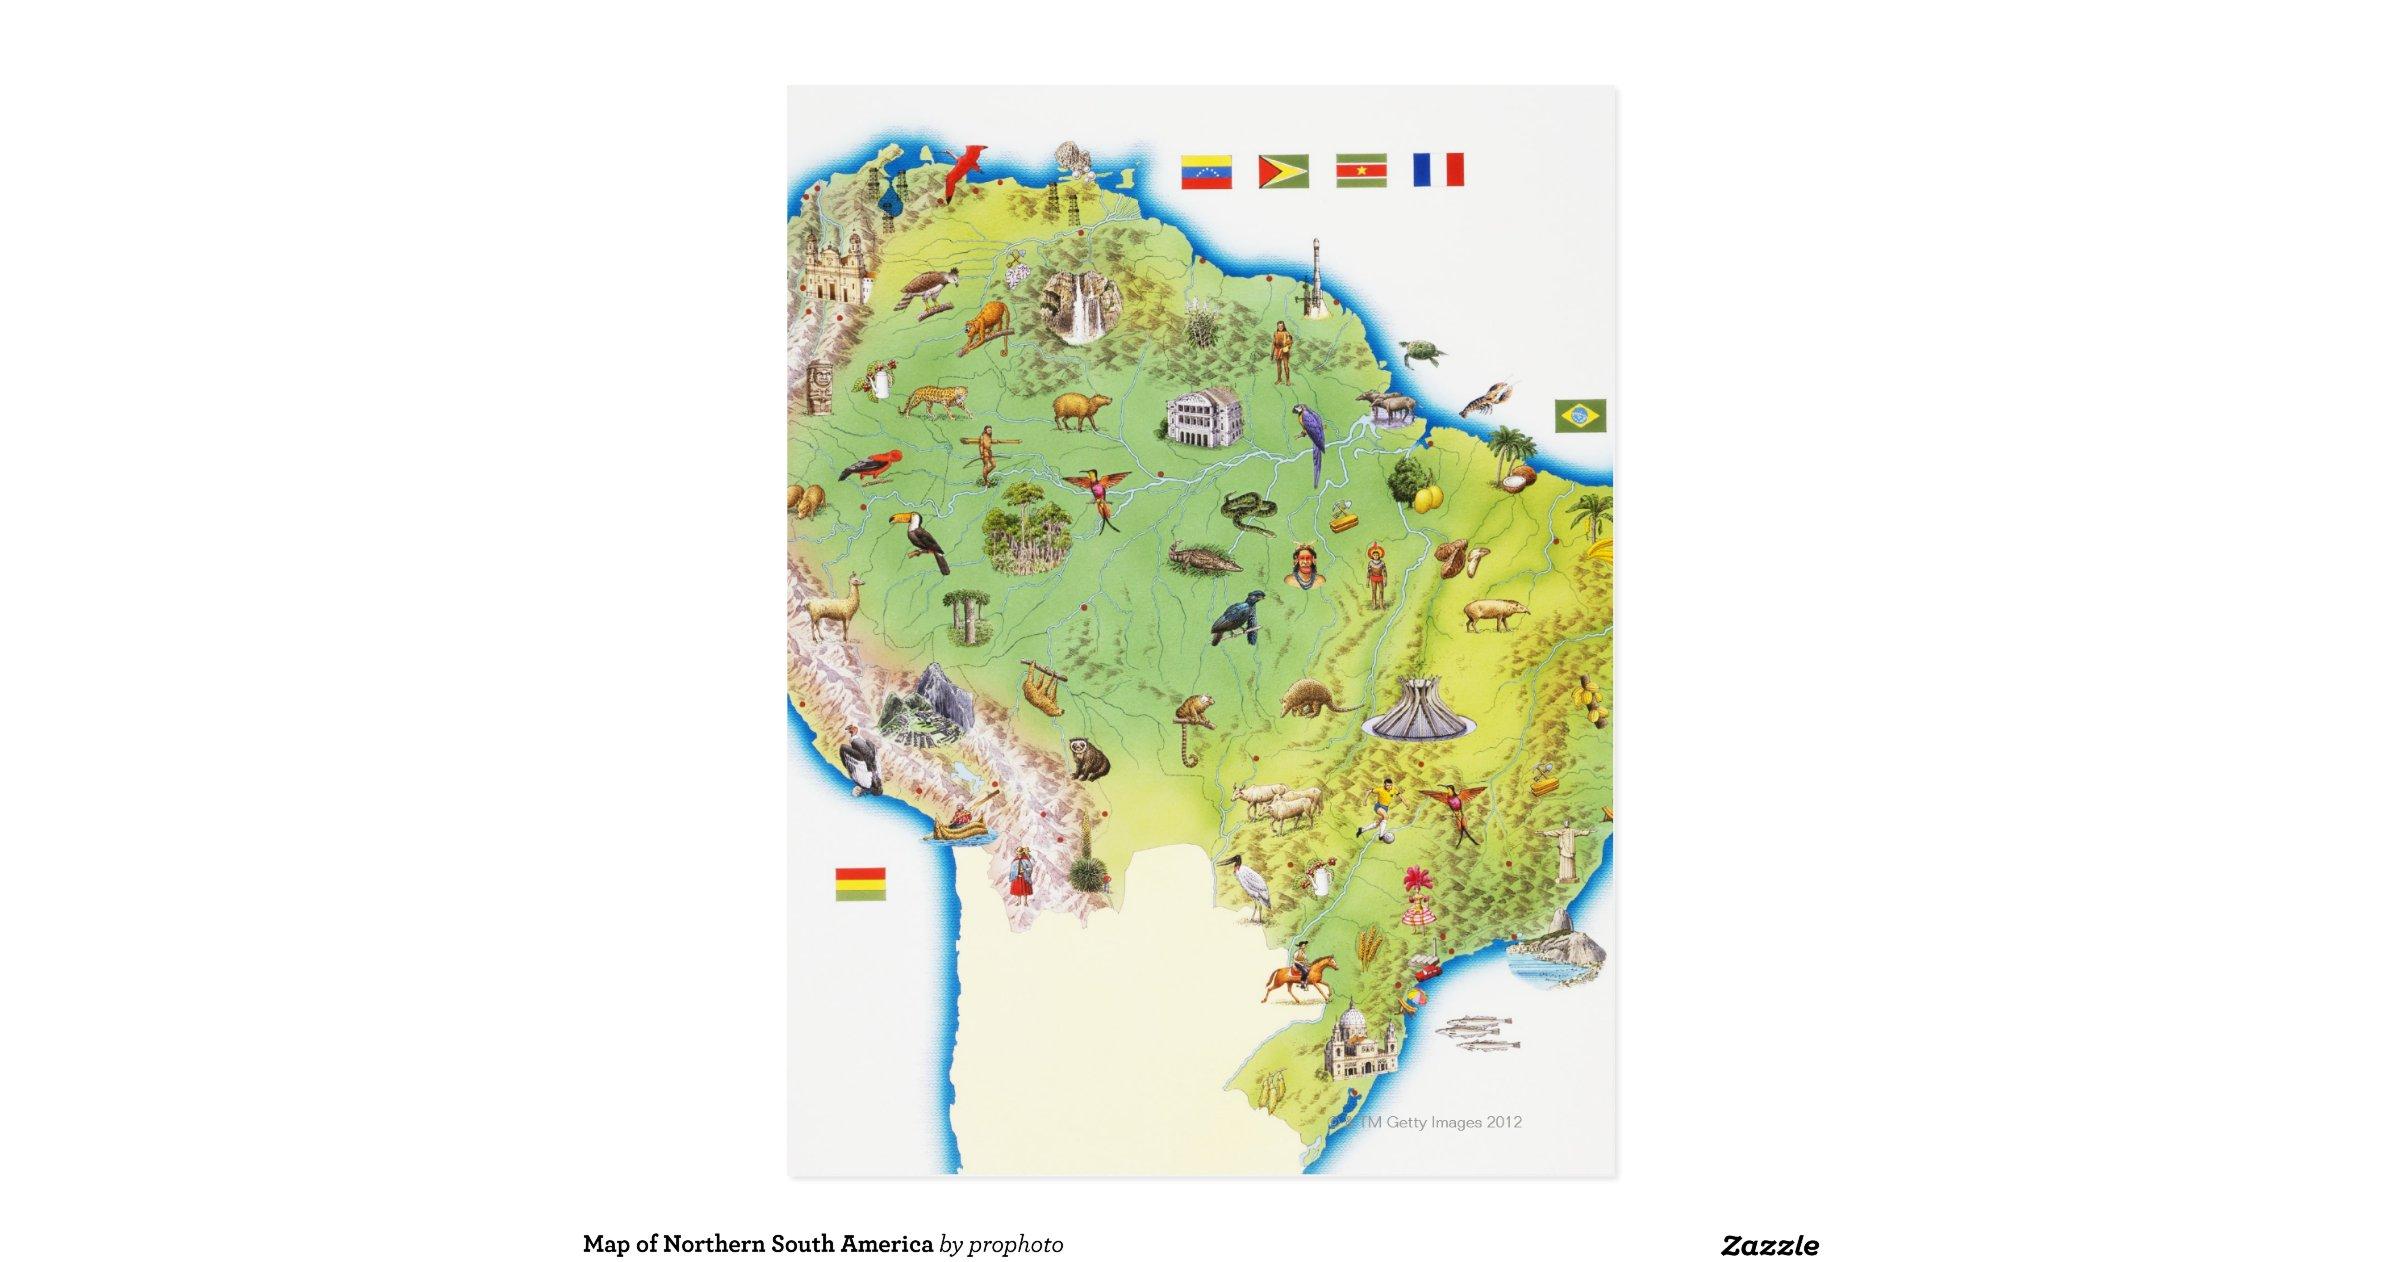 map of northern south america postcard rf40d8464cdcb482982d76359872d6ae8 vgba